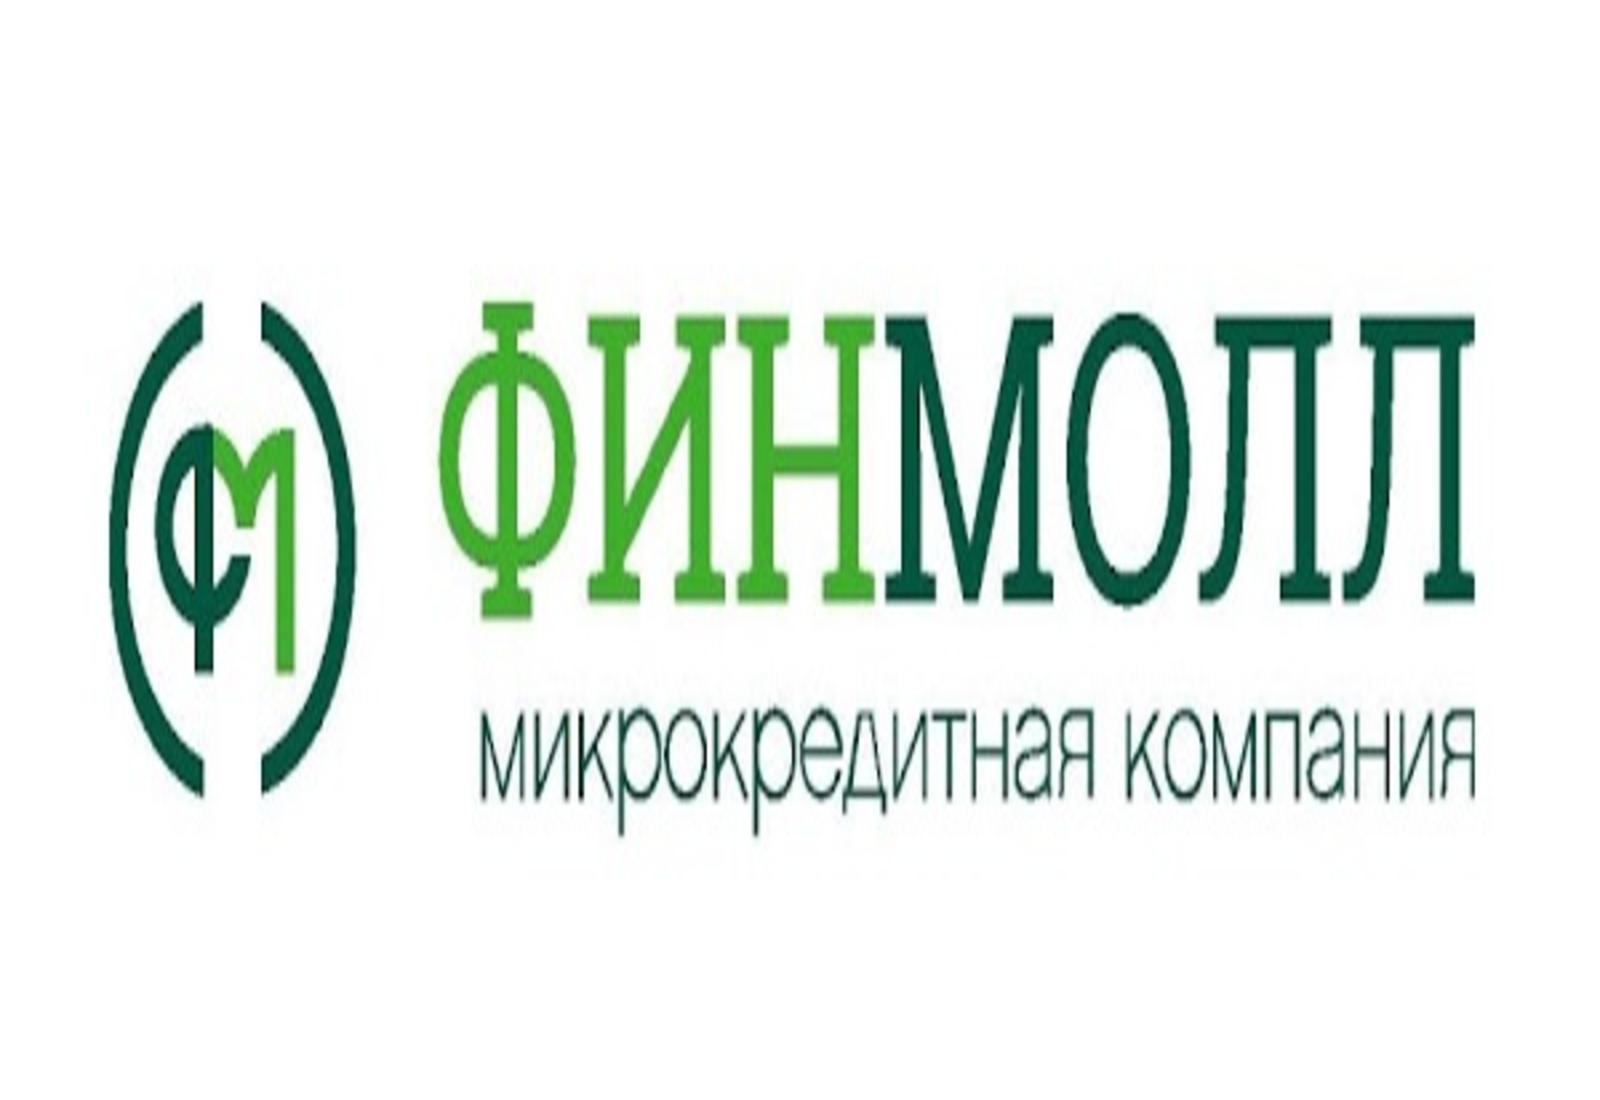 Заим в МФК ФинМолл